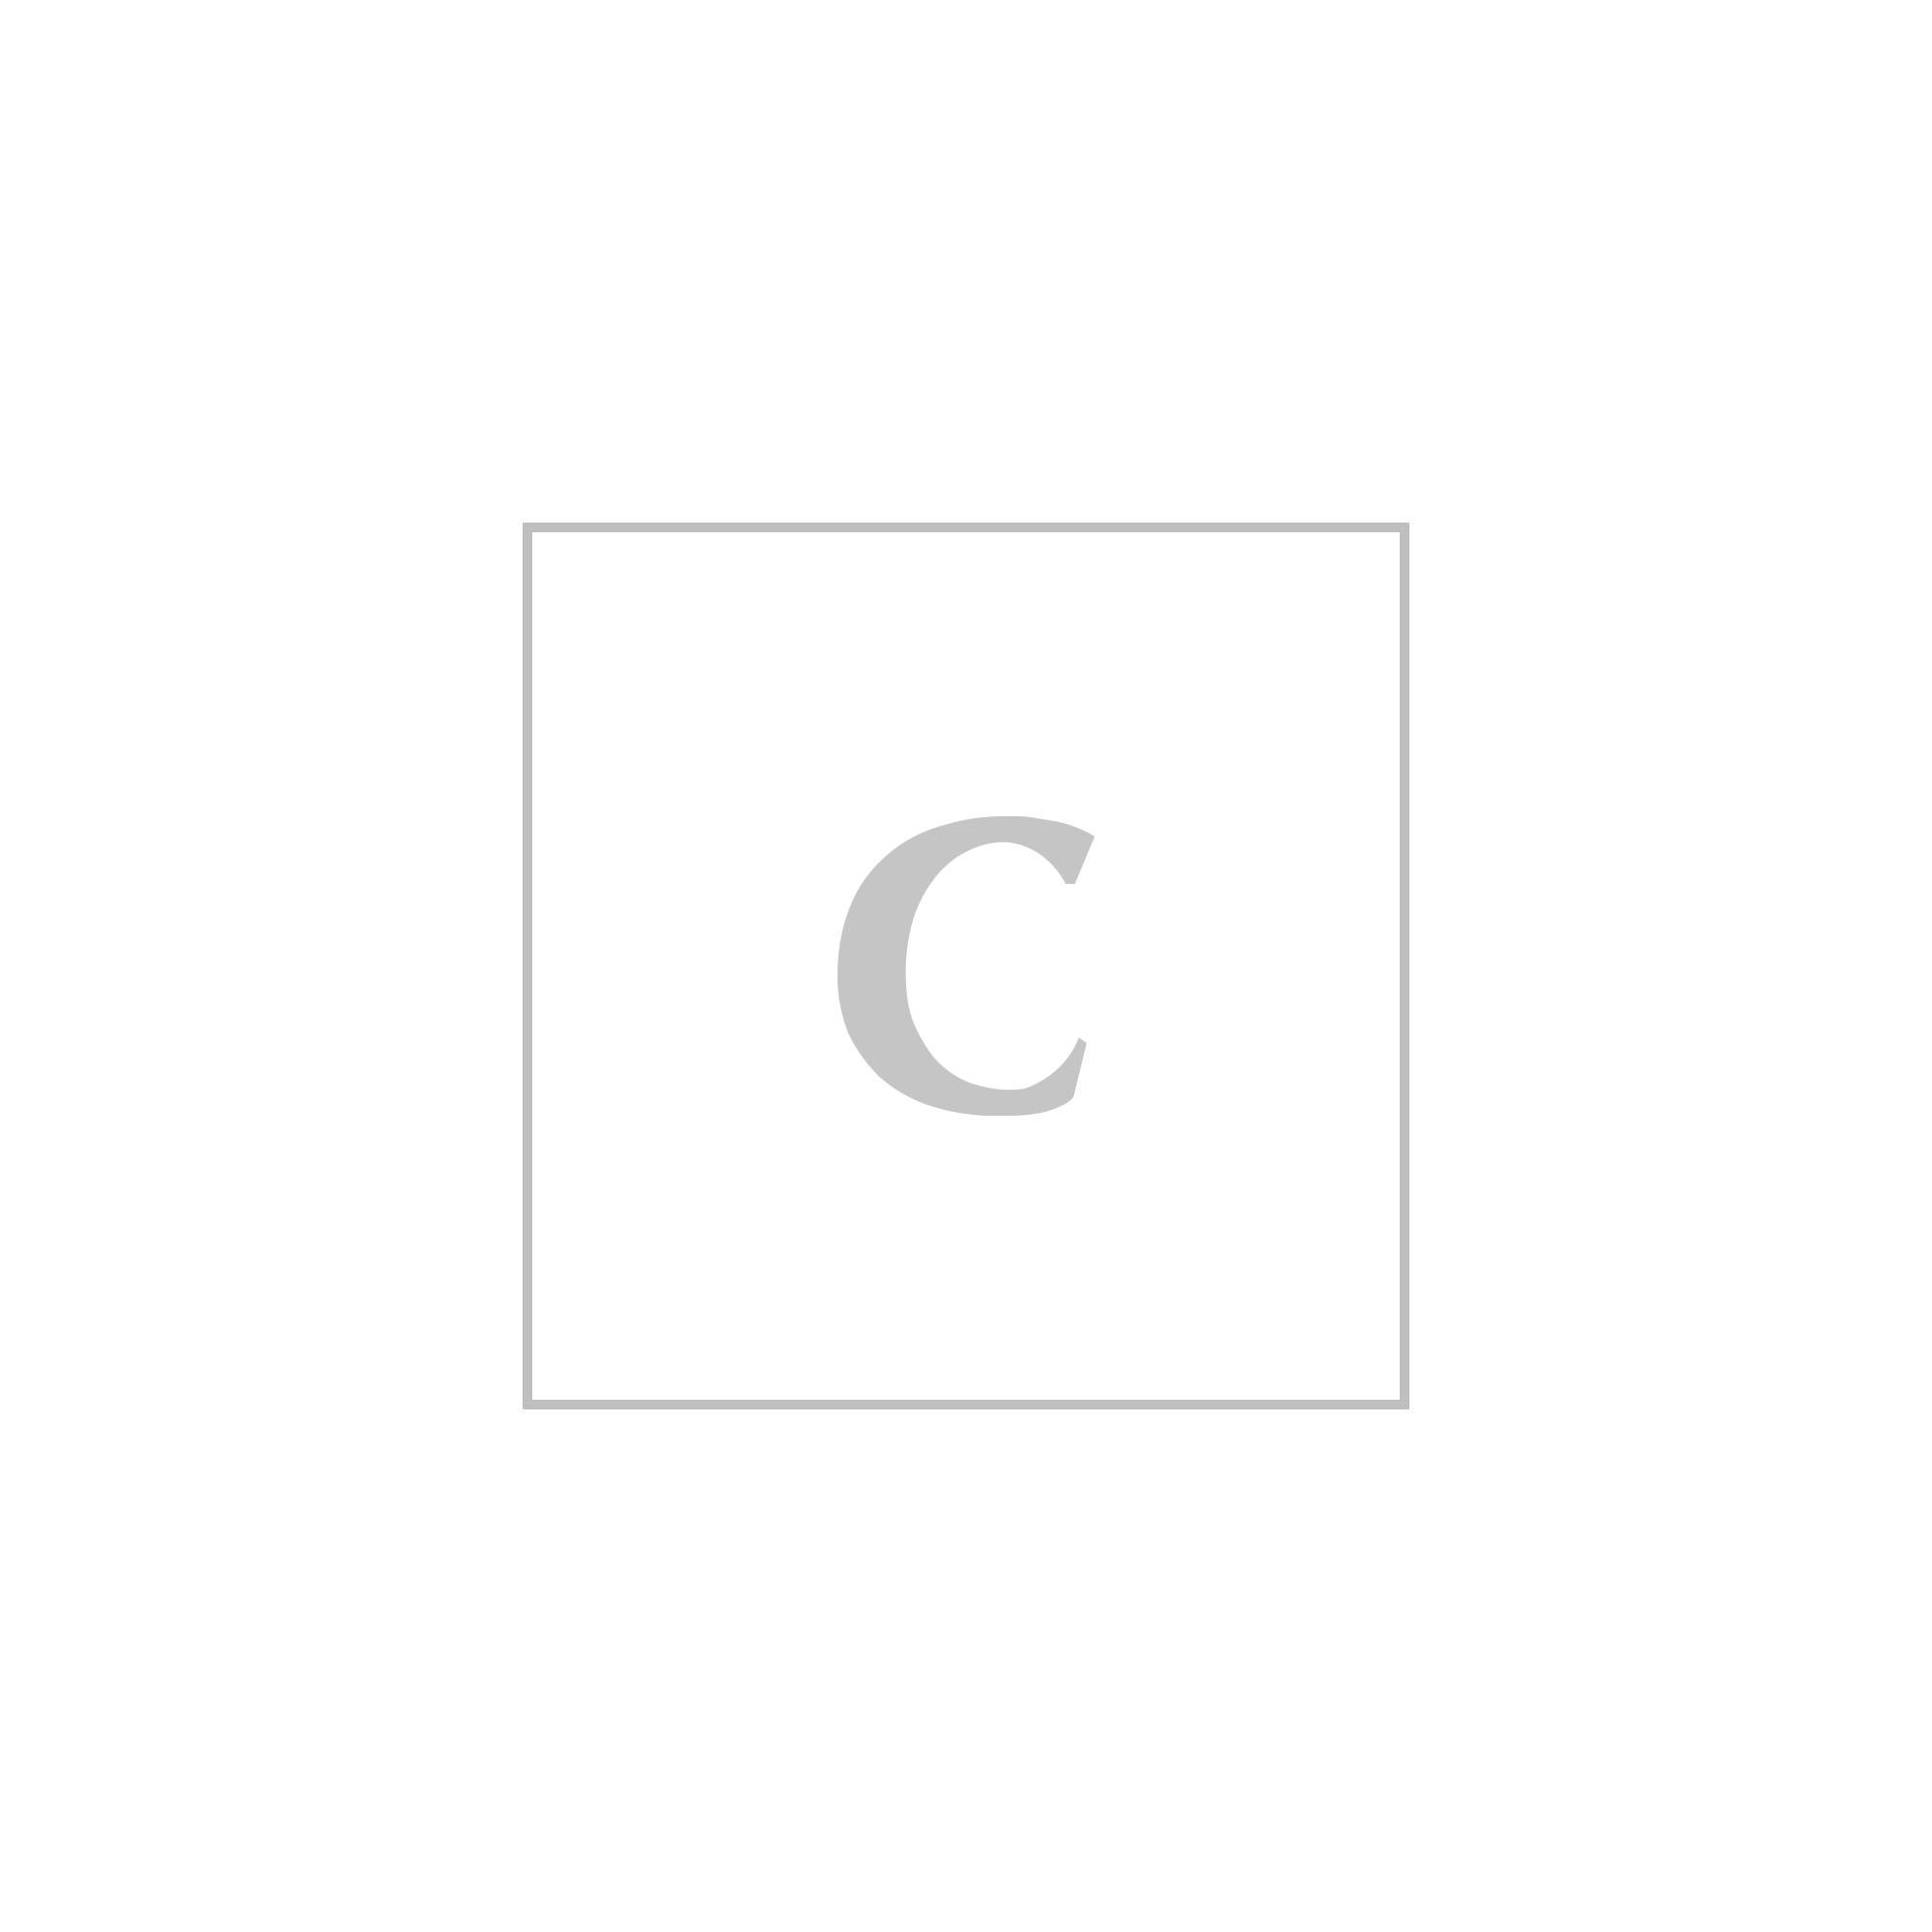 Ohmai clutch nyx mpx092